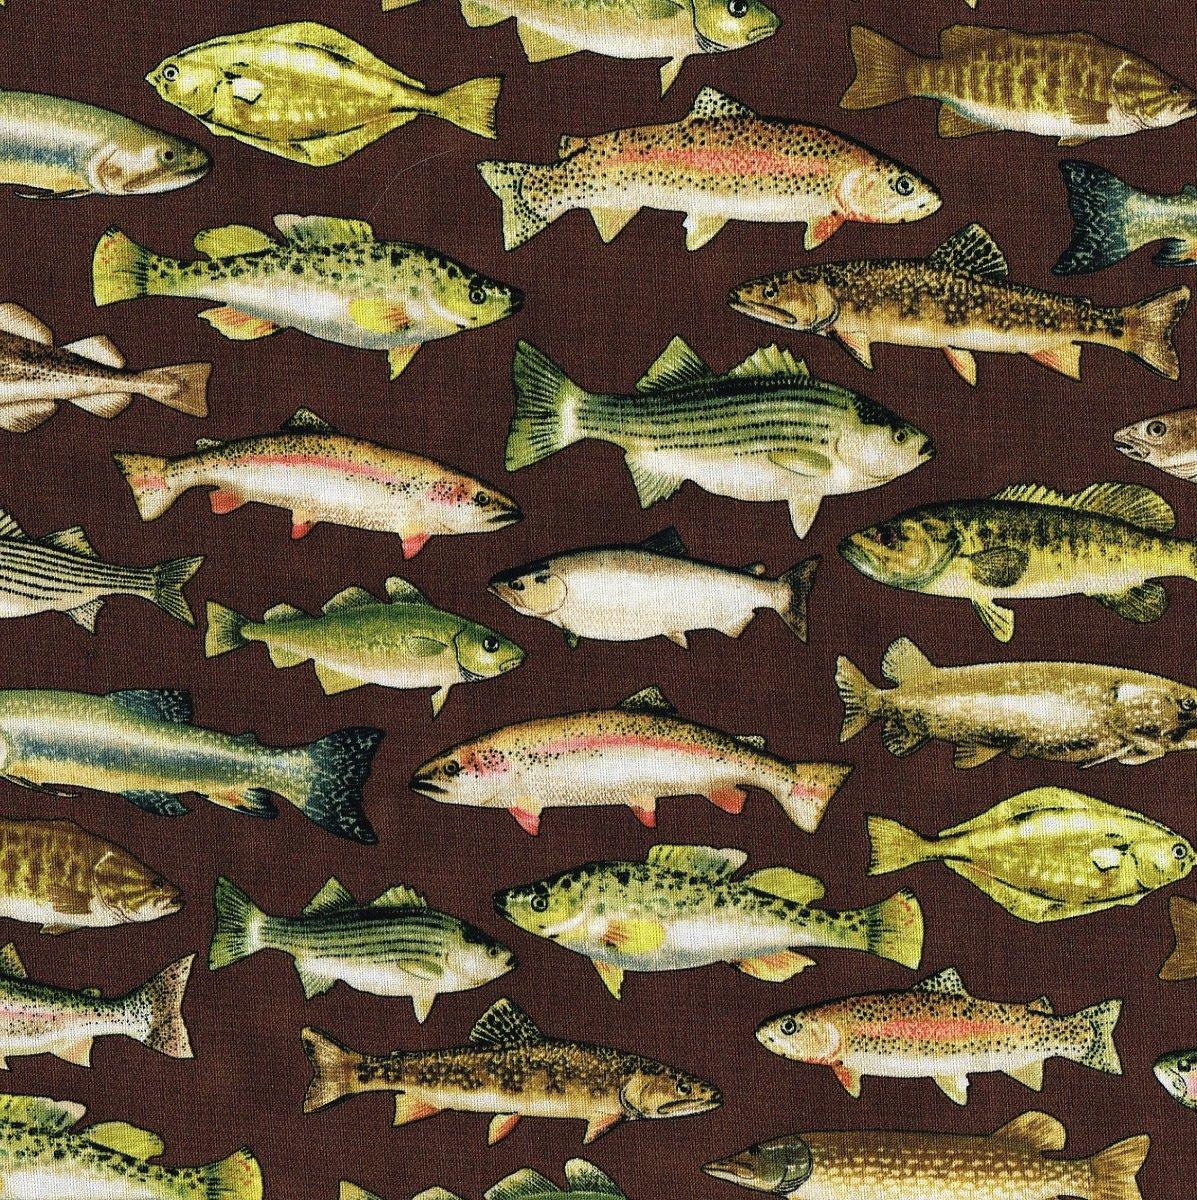 Fish on Brown BTX 5740-77